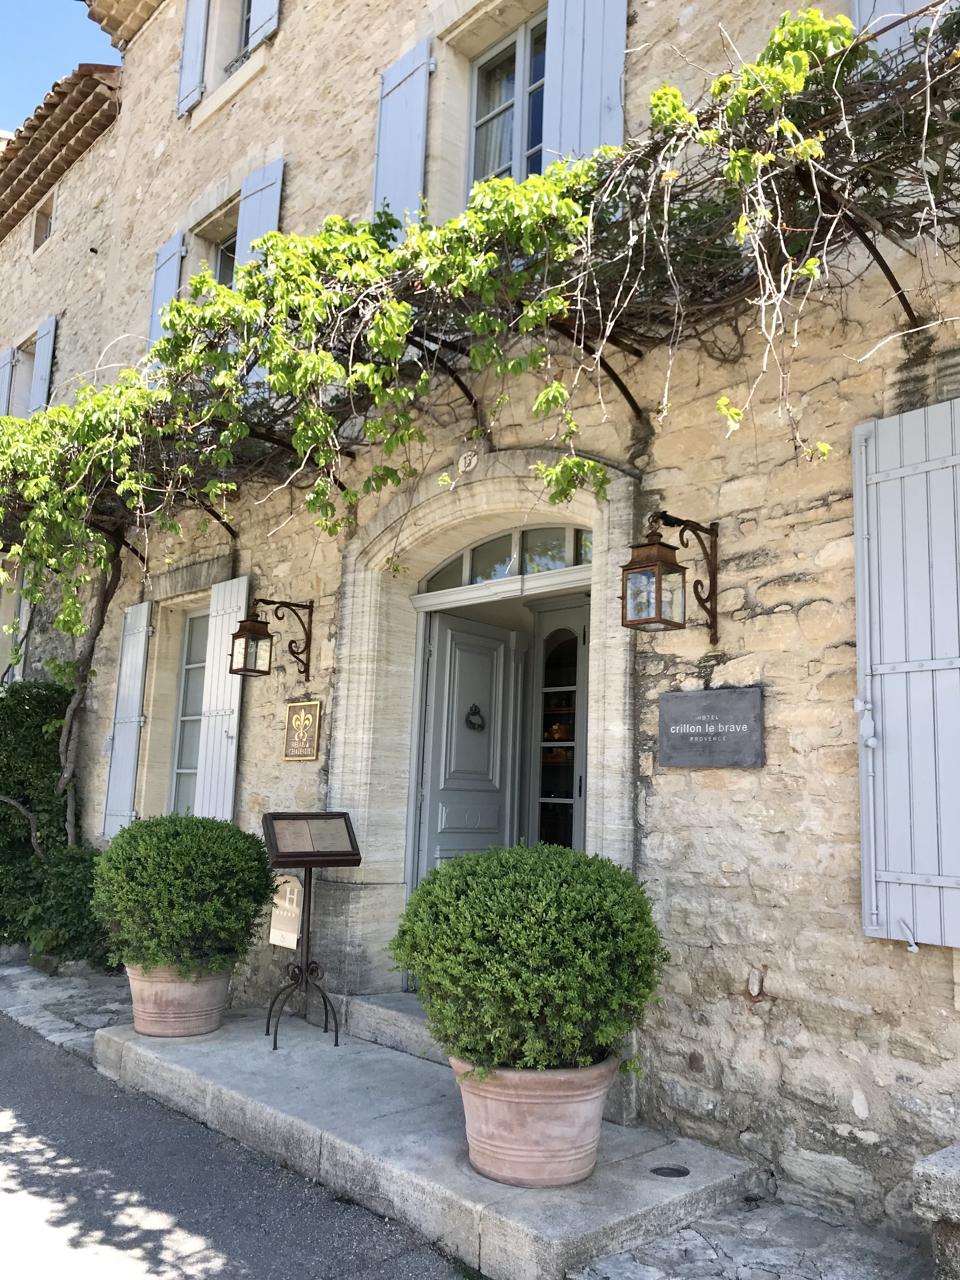 Entrance of Hotel Crillon Le Brave